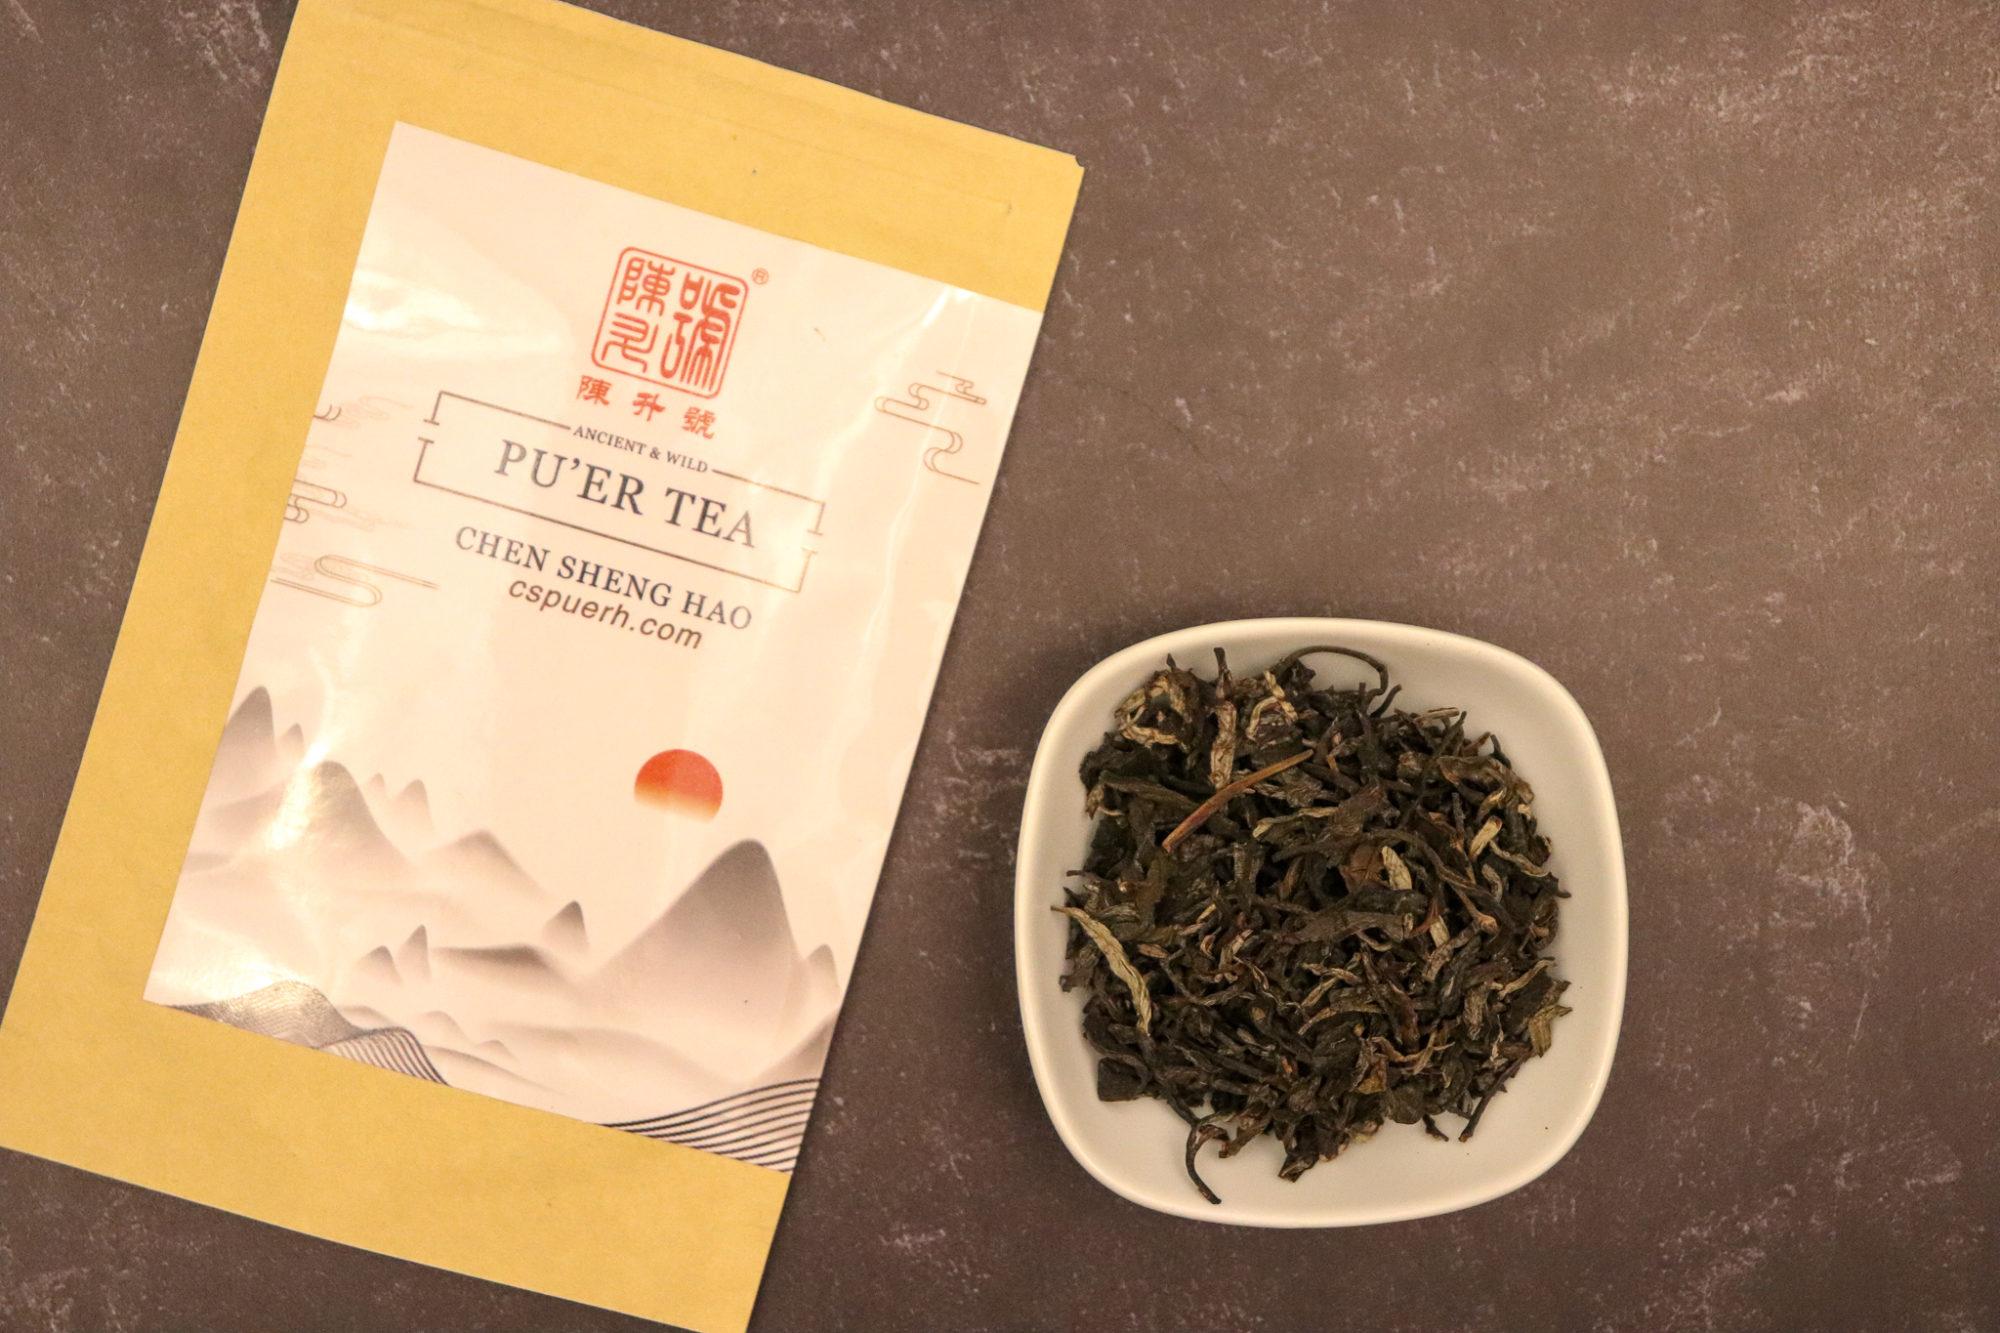 Chen Sheng Hao 2019 Yiwu Raw Puerh Tea